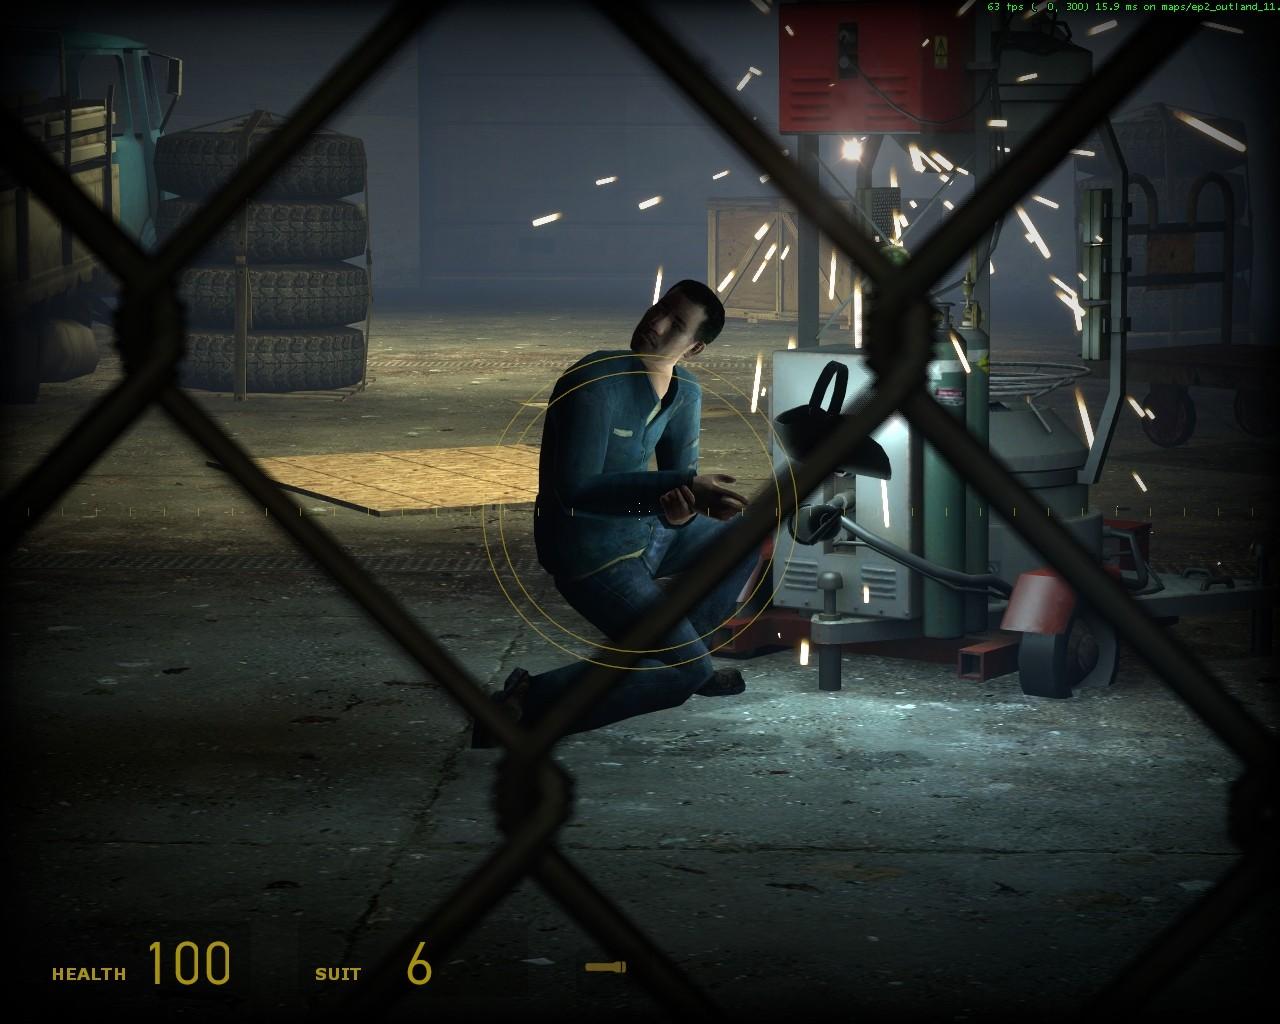 Сварщик с %MADSKILLZ% или телекинезом - Half-Life 2